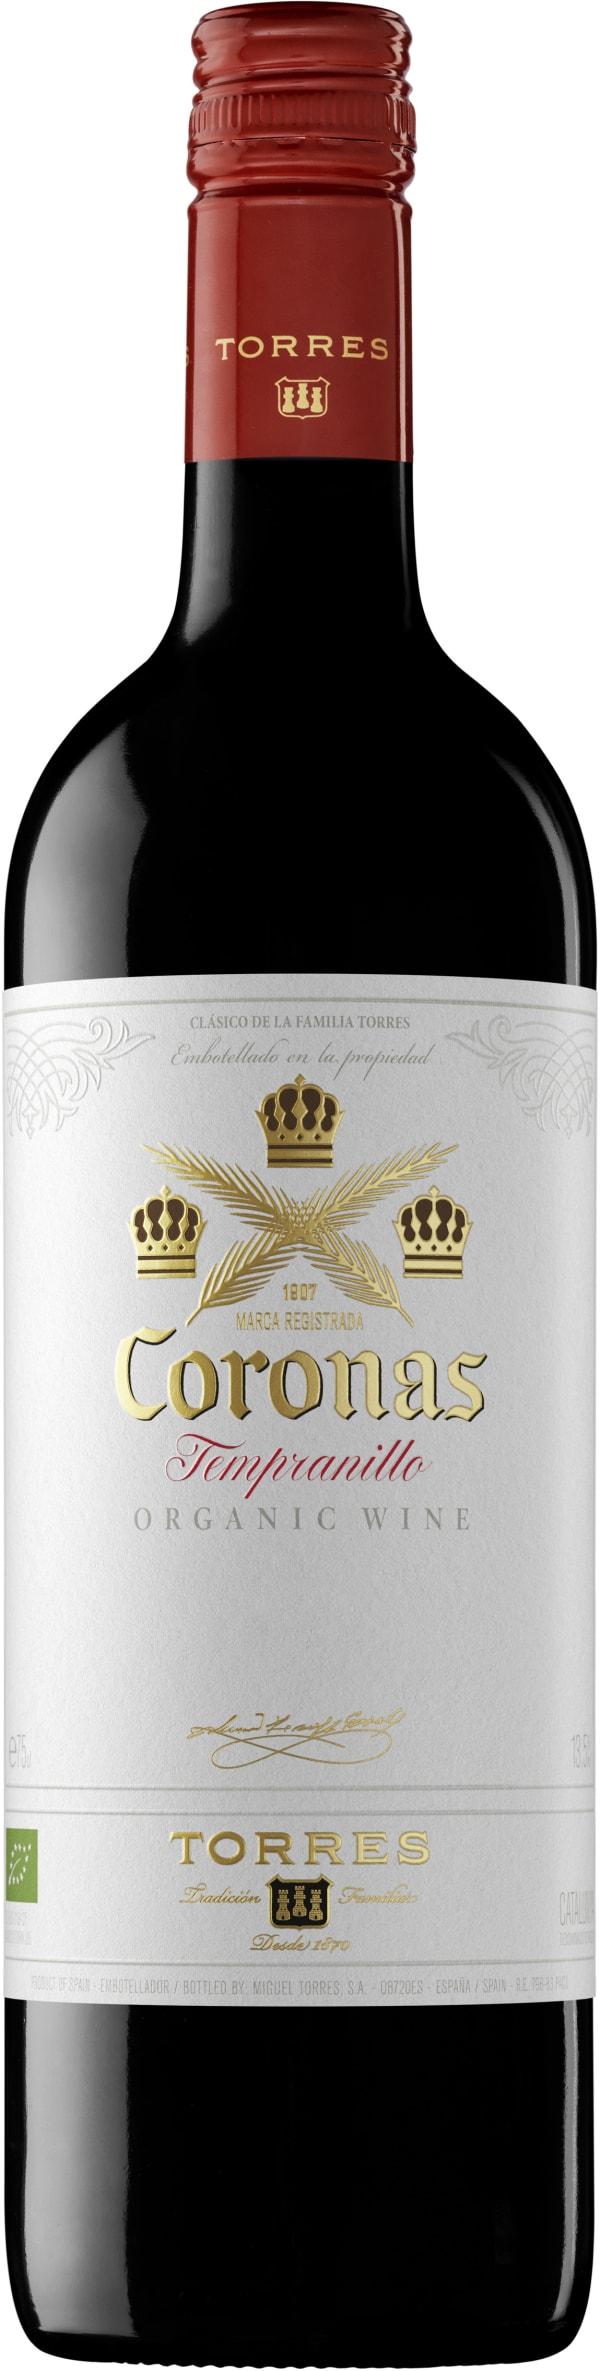 Torres Coronas Tempranillo 2014